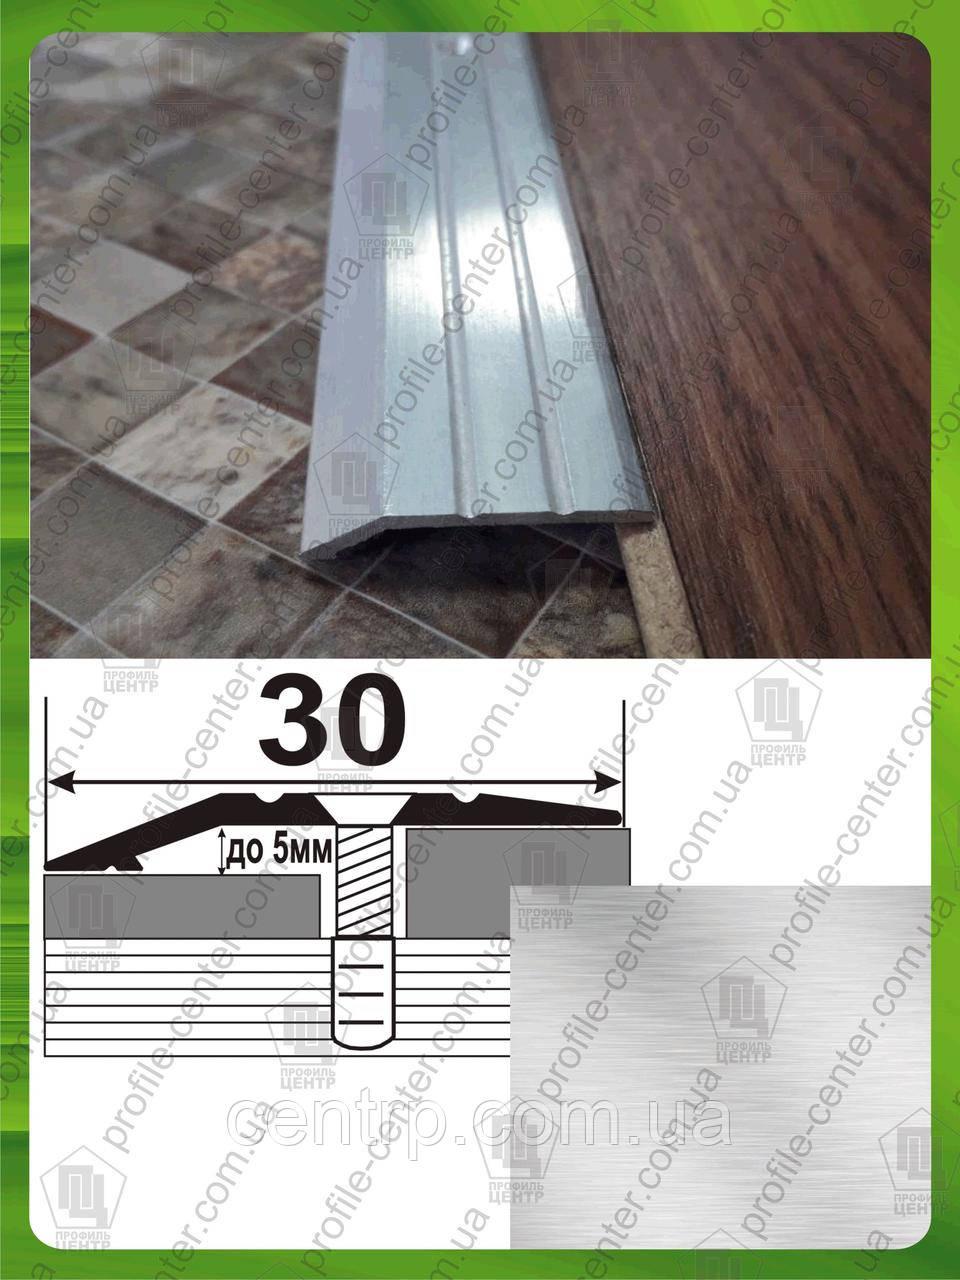 Порожек для пола АП 007 Без покрытия. Перепад 5 мм. Длина 2,7м.